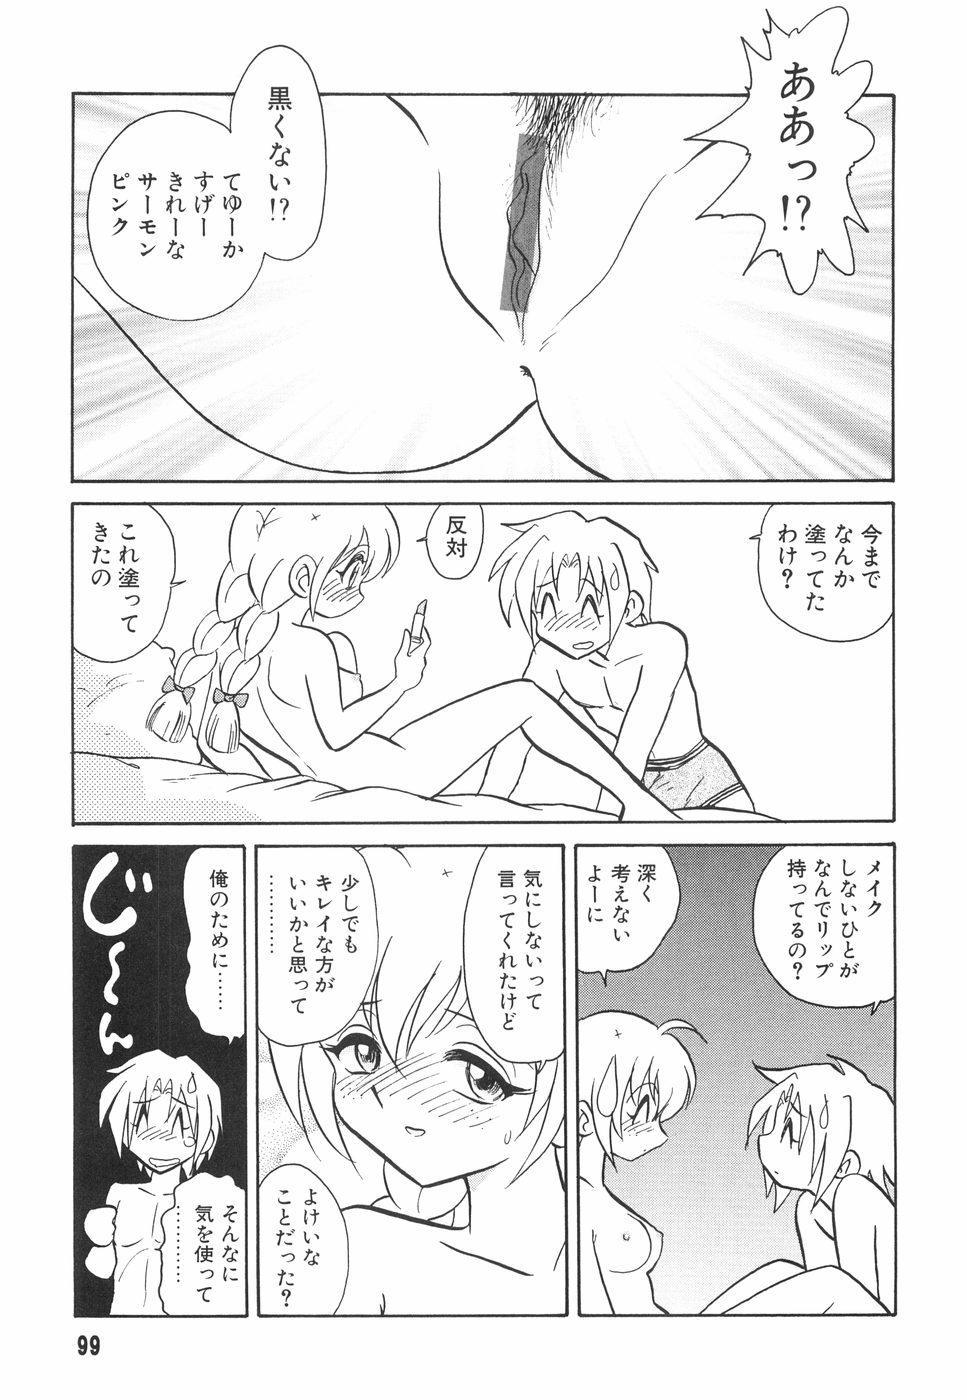 Hazukashime no Jikan 99